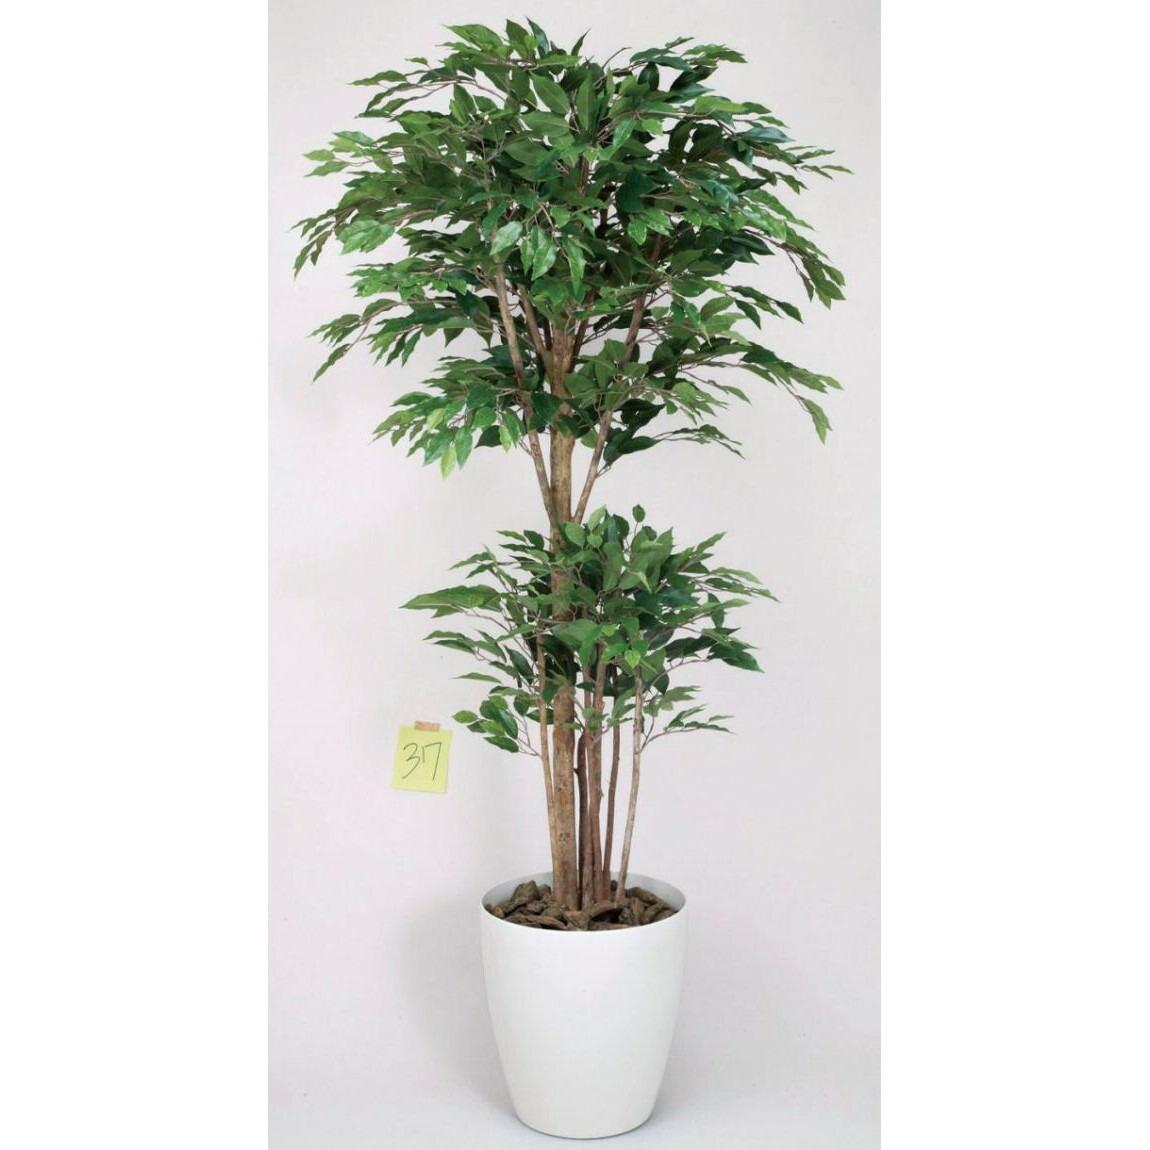 光触媒 光の楽園トロピカルベンジャミン 1.8m【インテリアグリーン 人工観葉植物】